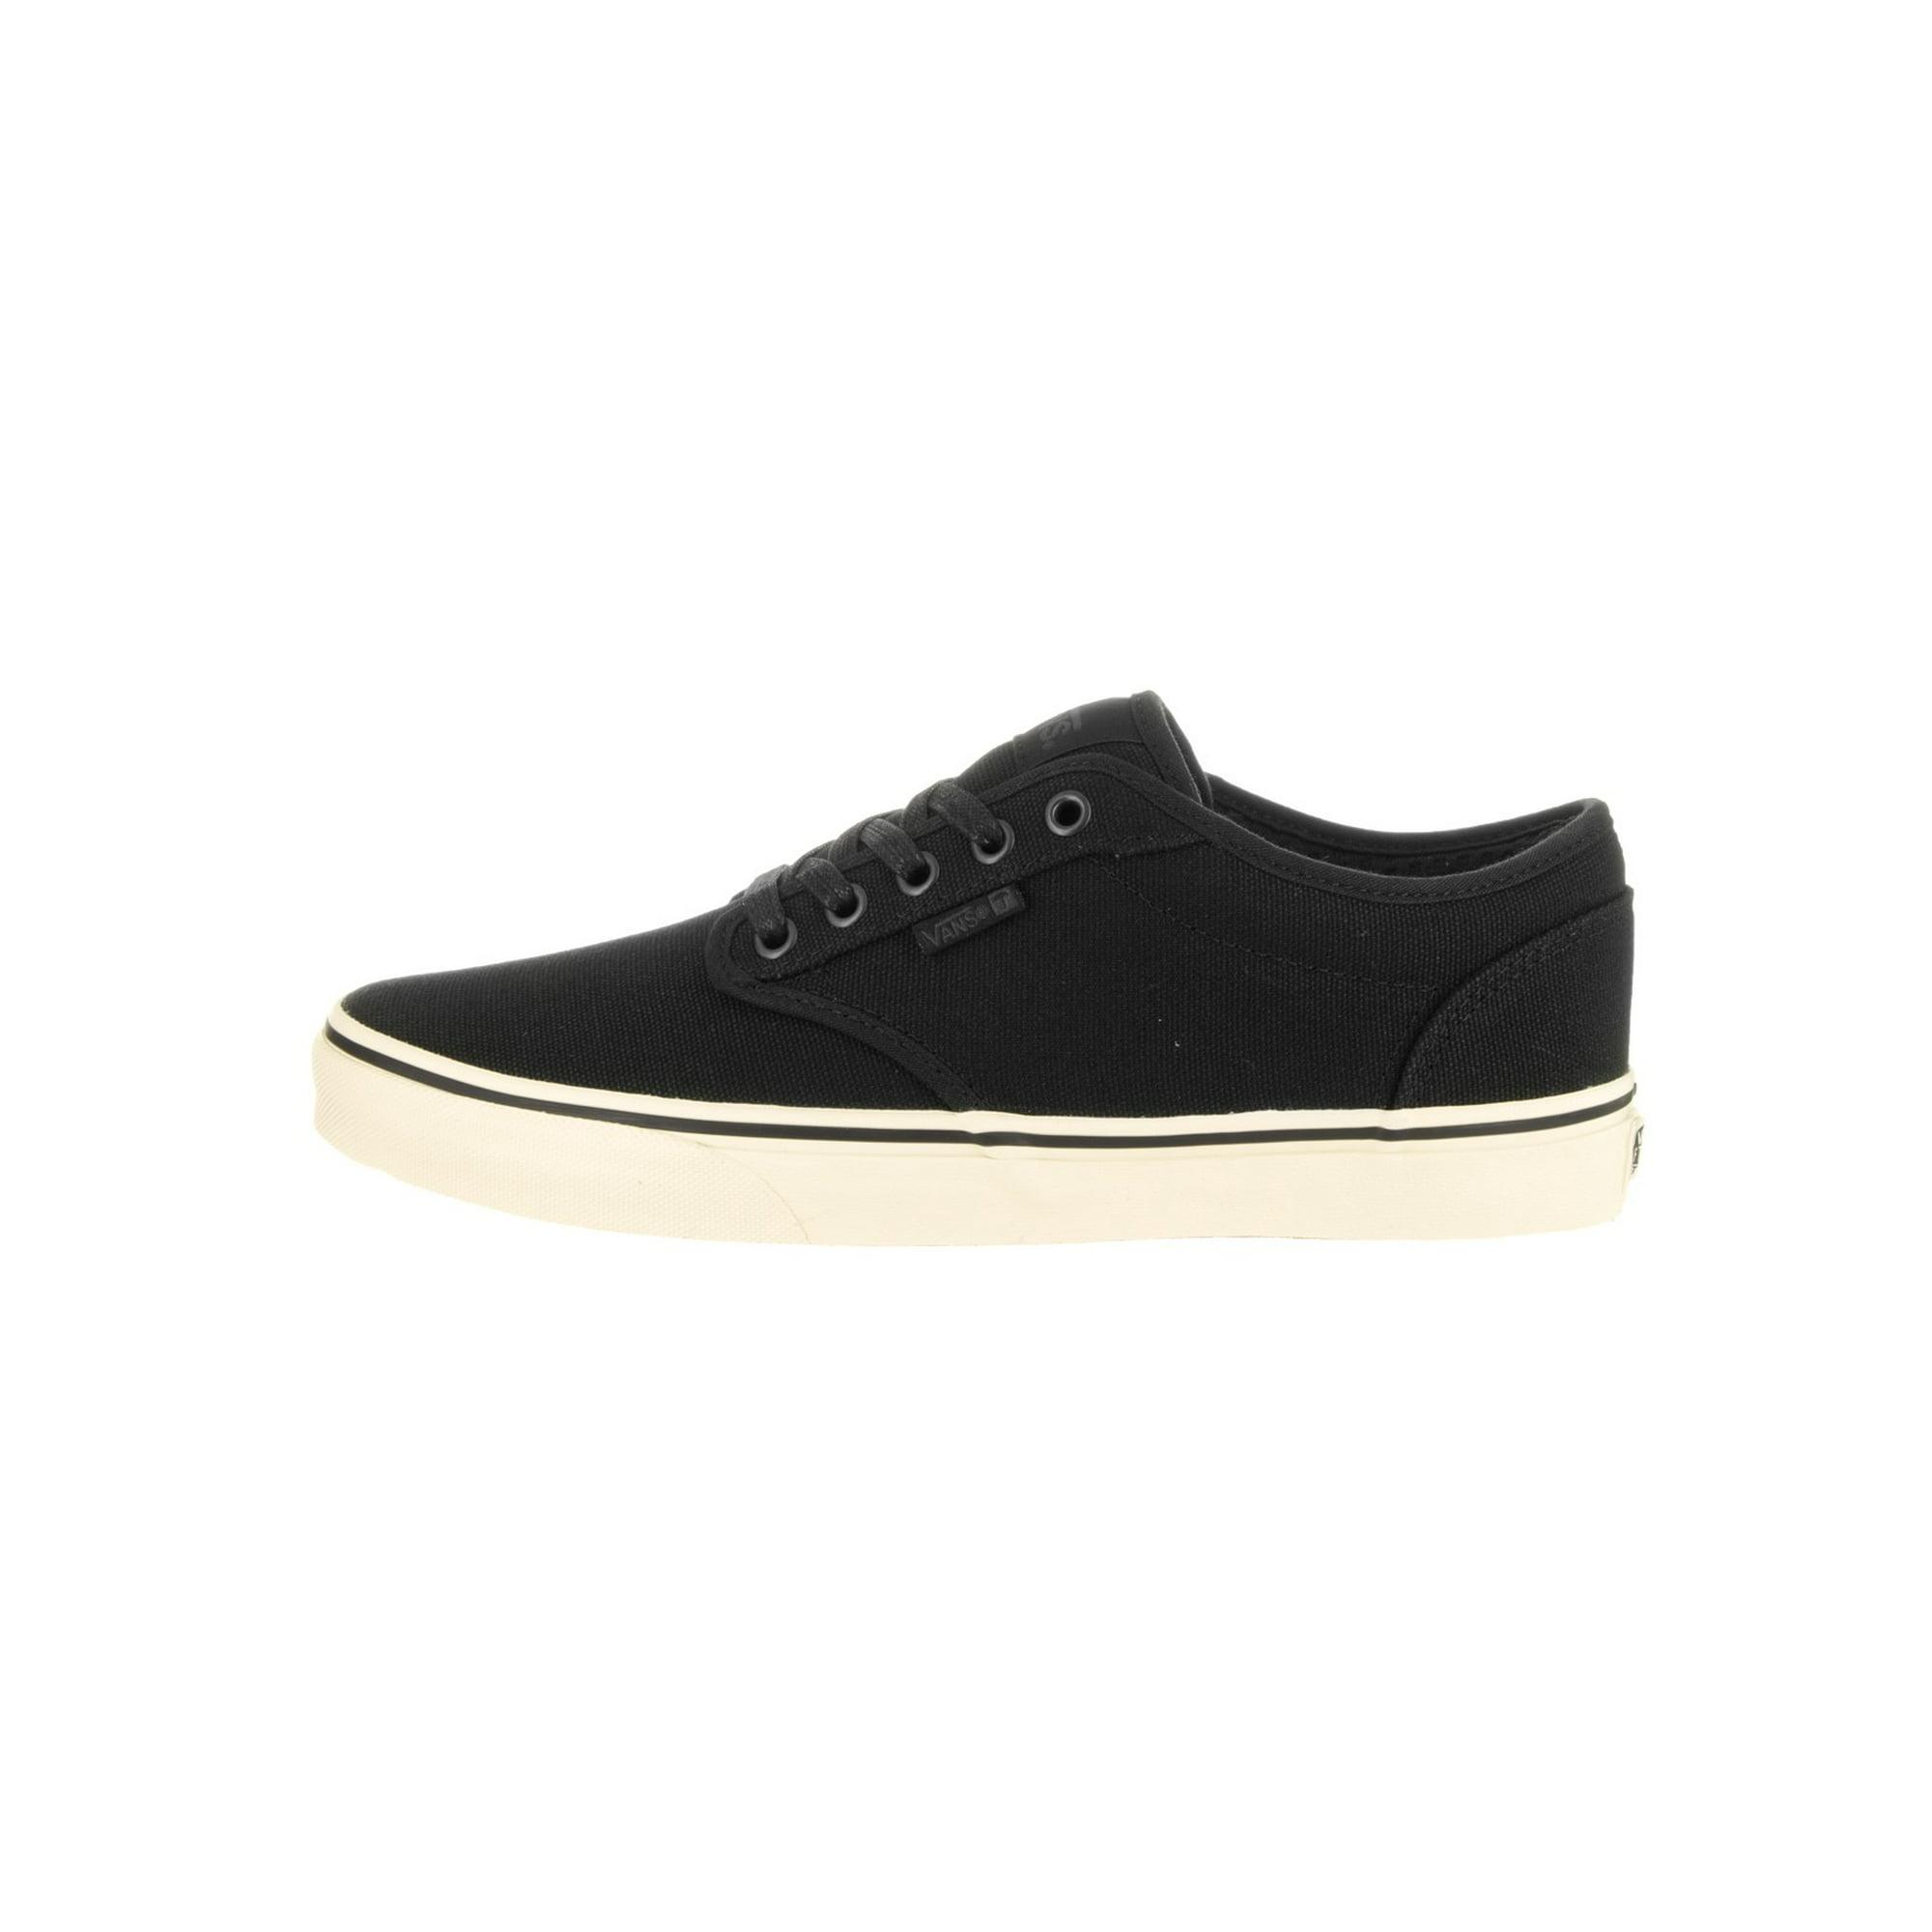 Cheap Deal Mens Shoes Vans Atwood Vansguard Skate Shoe